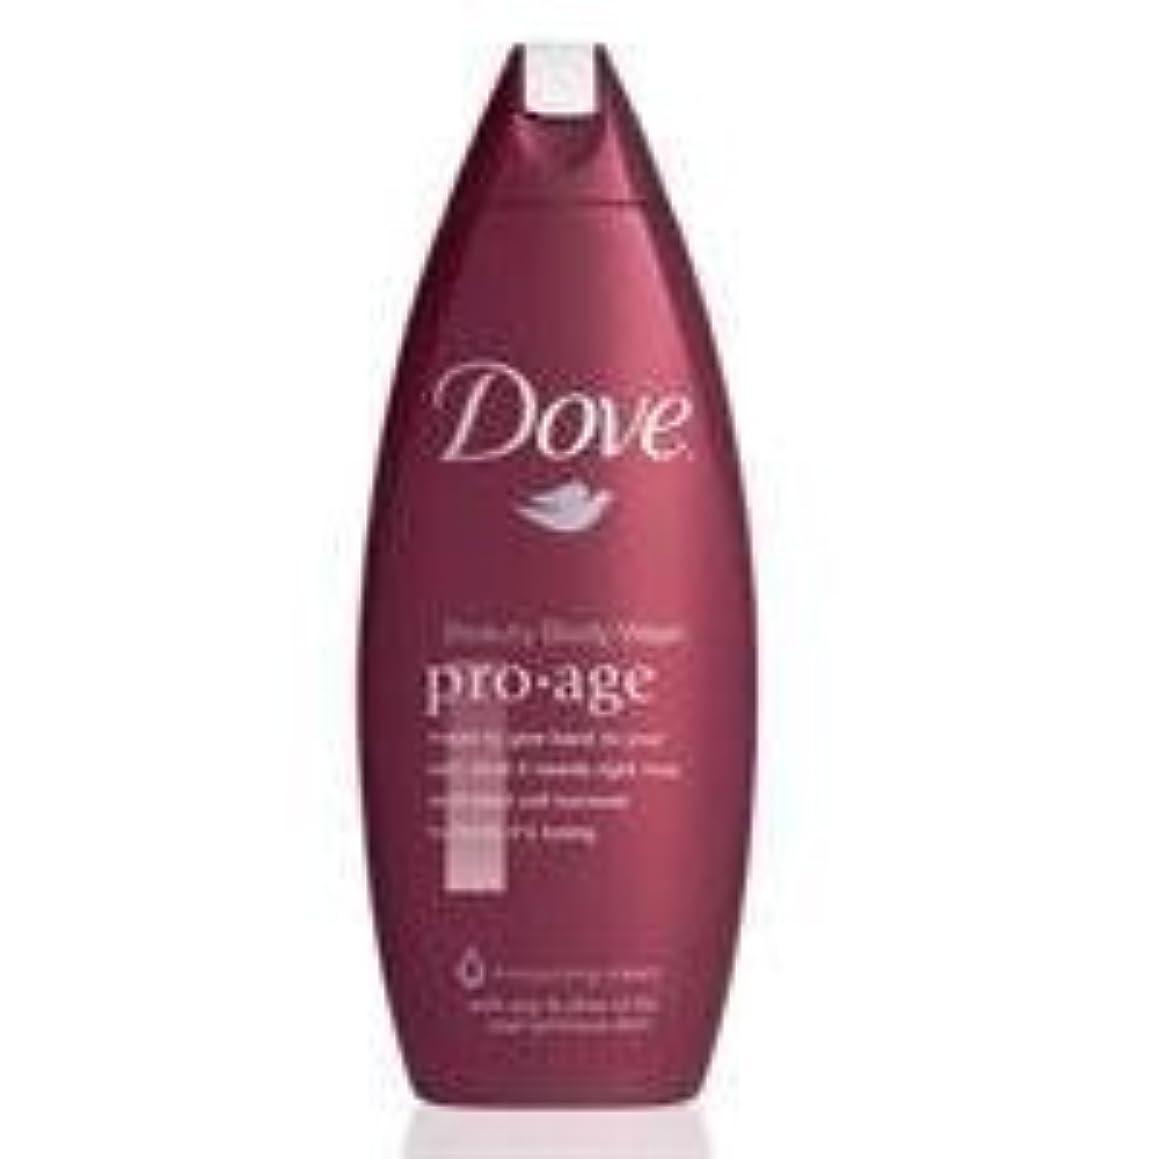 キャスト法律により横向きDove Pro-Age Beauty Care Body Wash by Dove [並行輸入品]